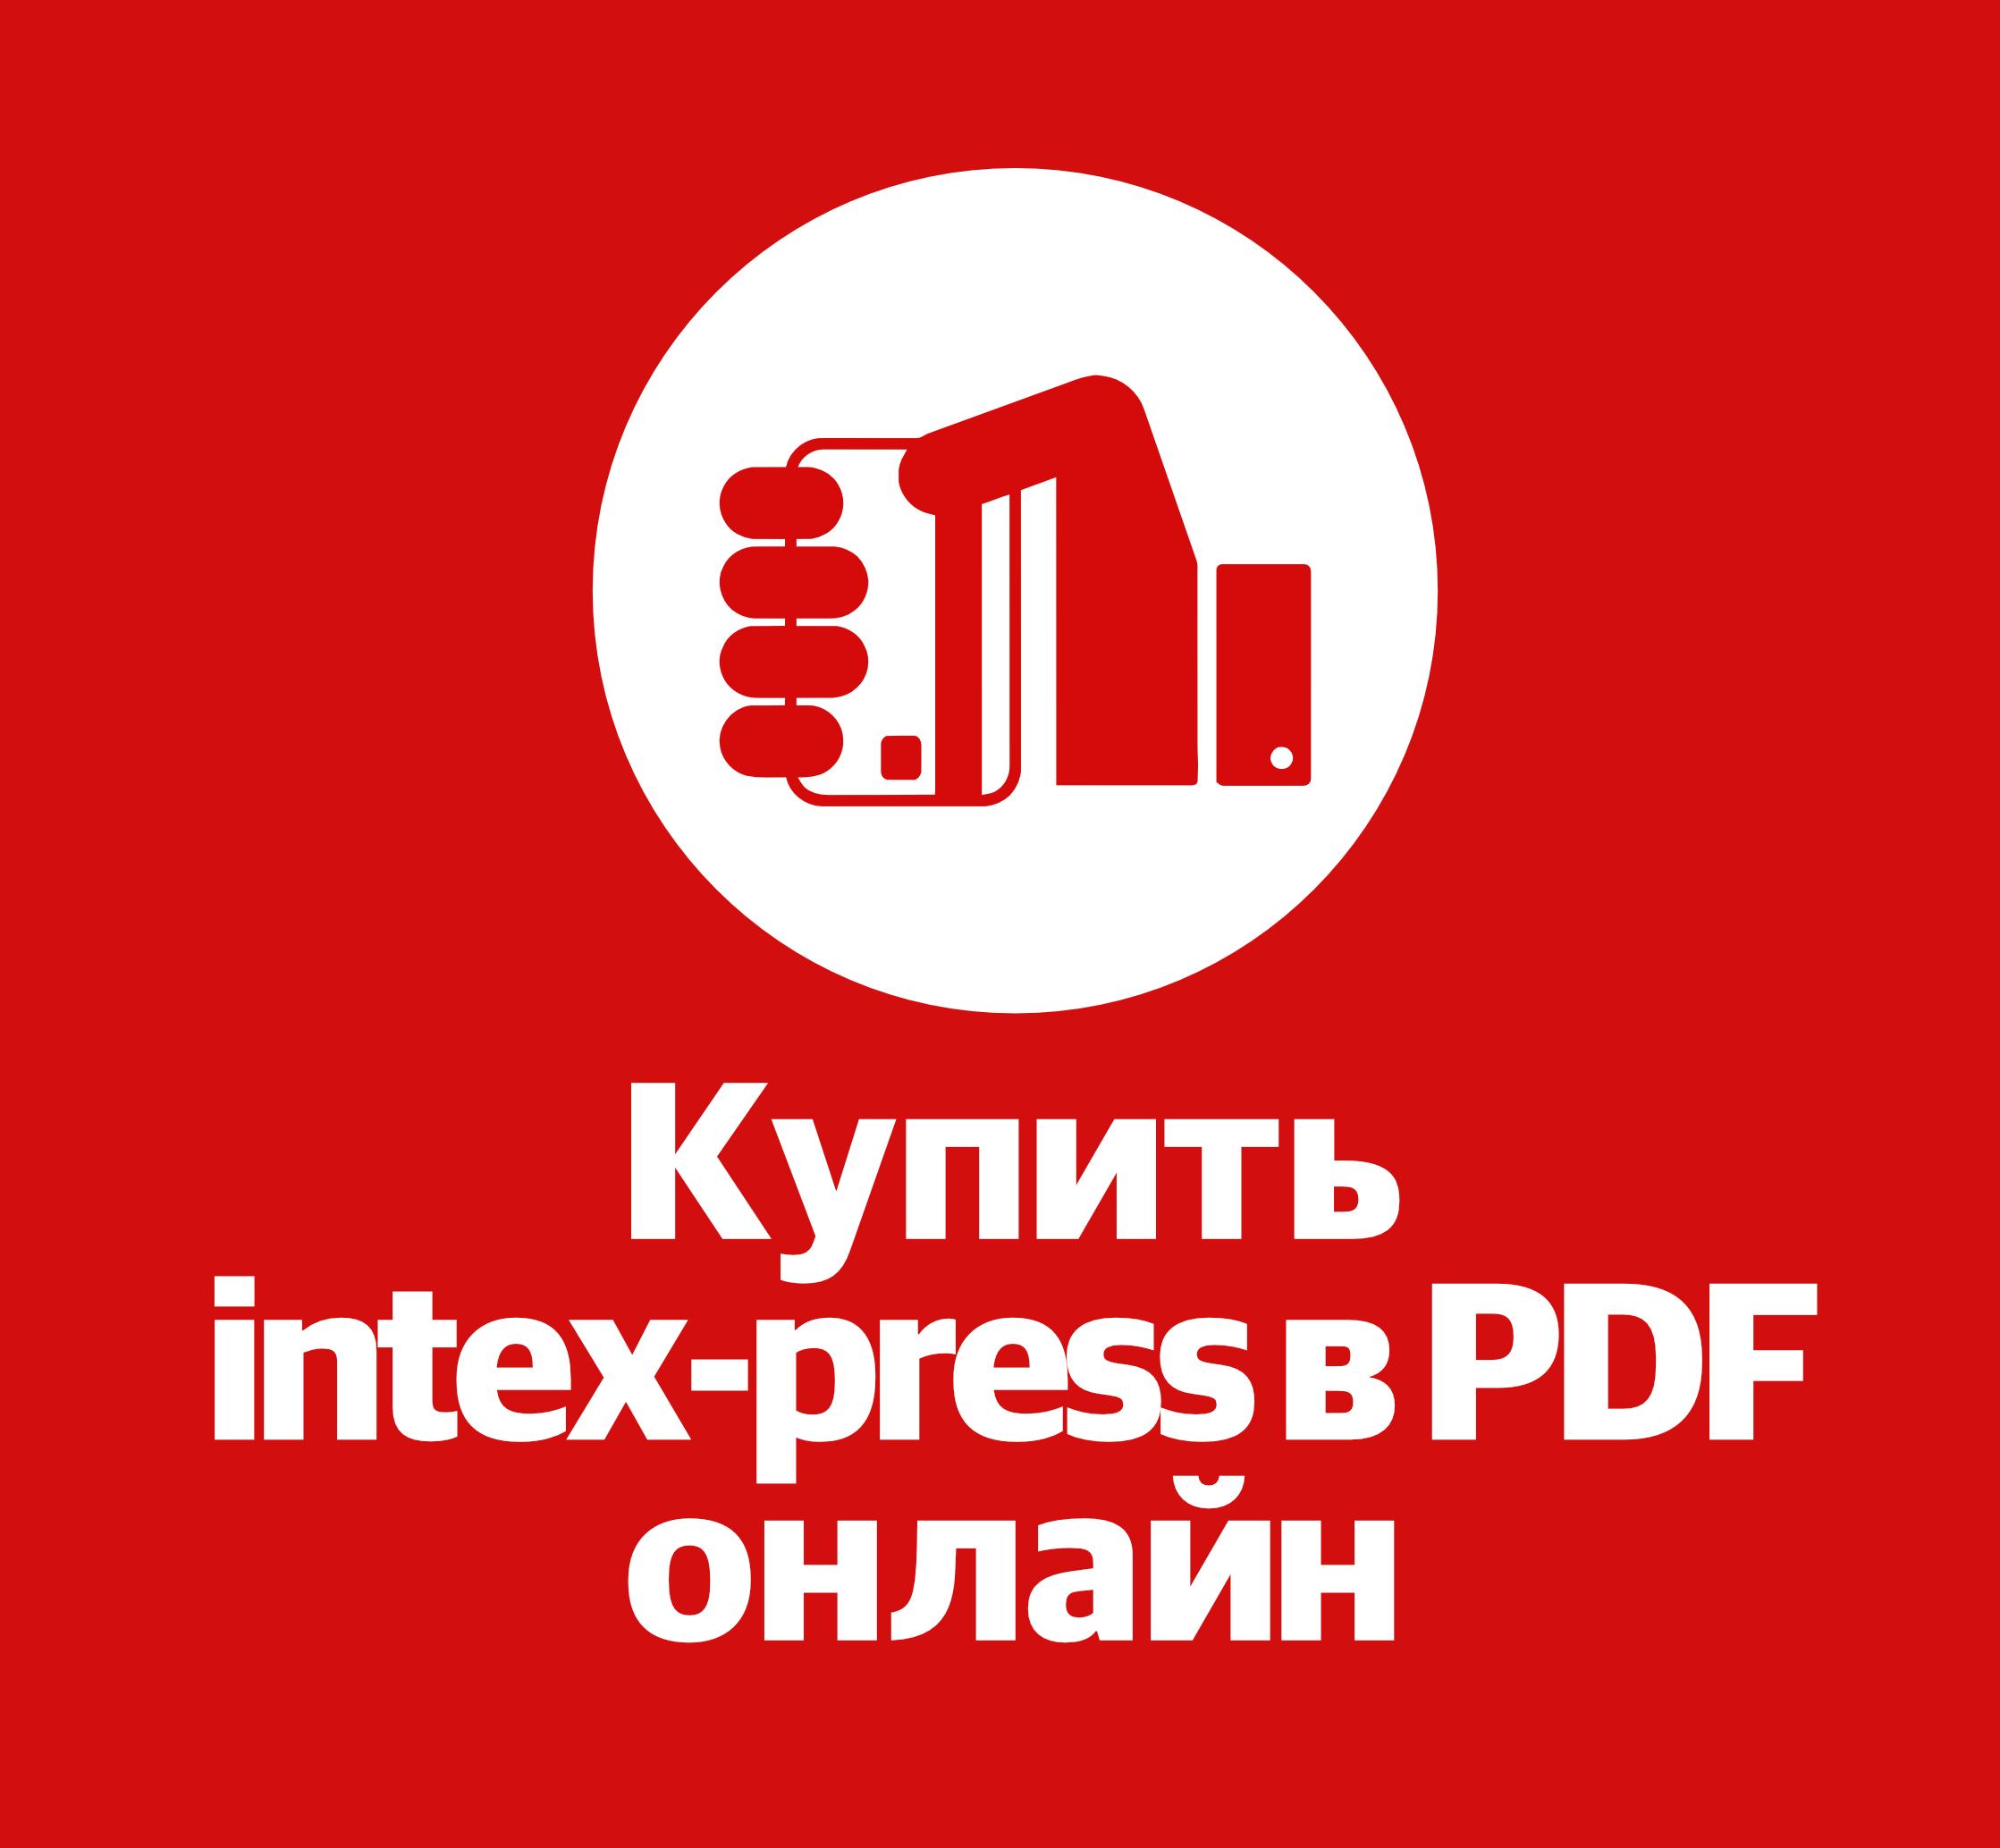 Купить газету Интекс-пресс онлайн